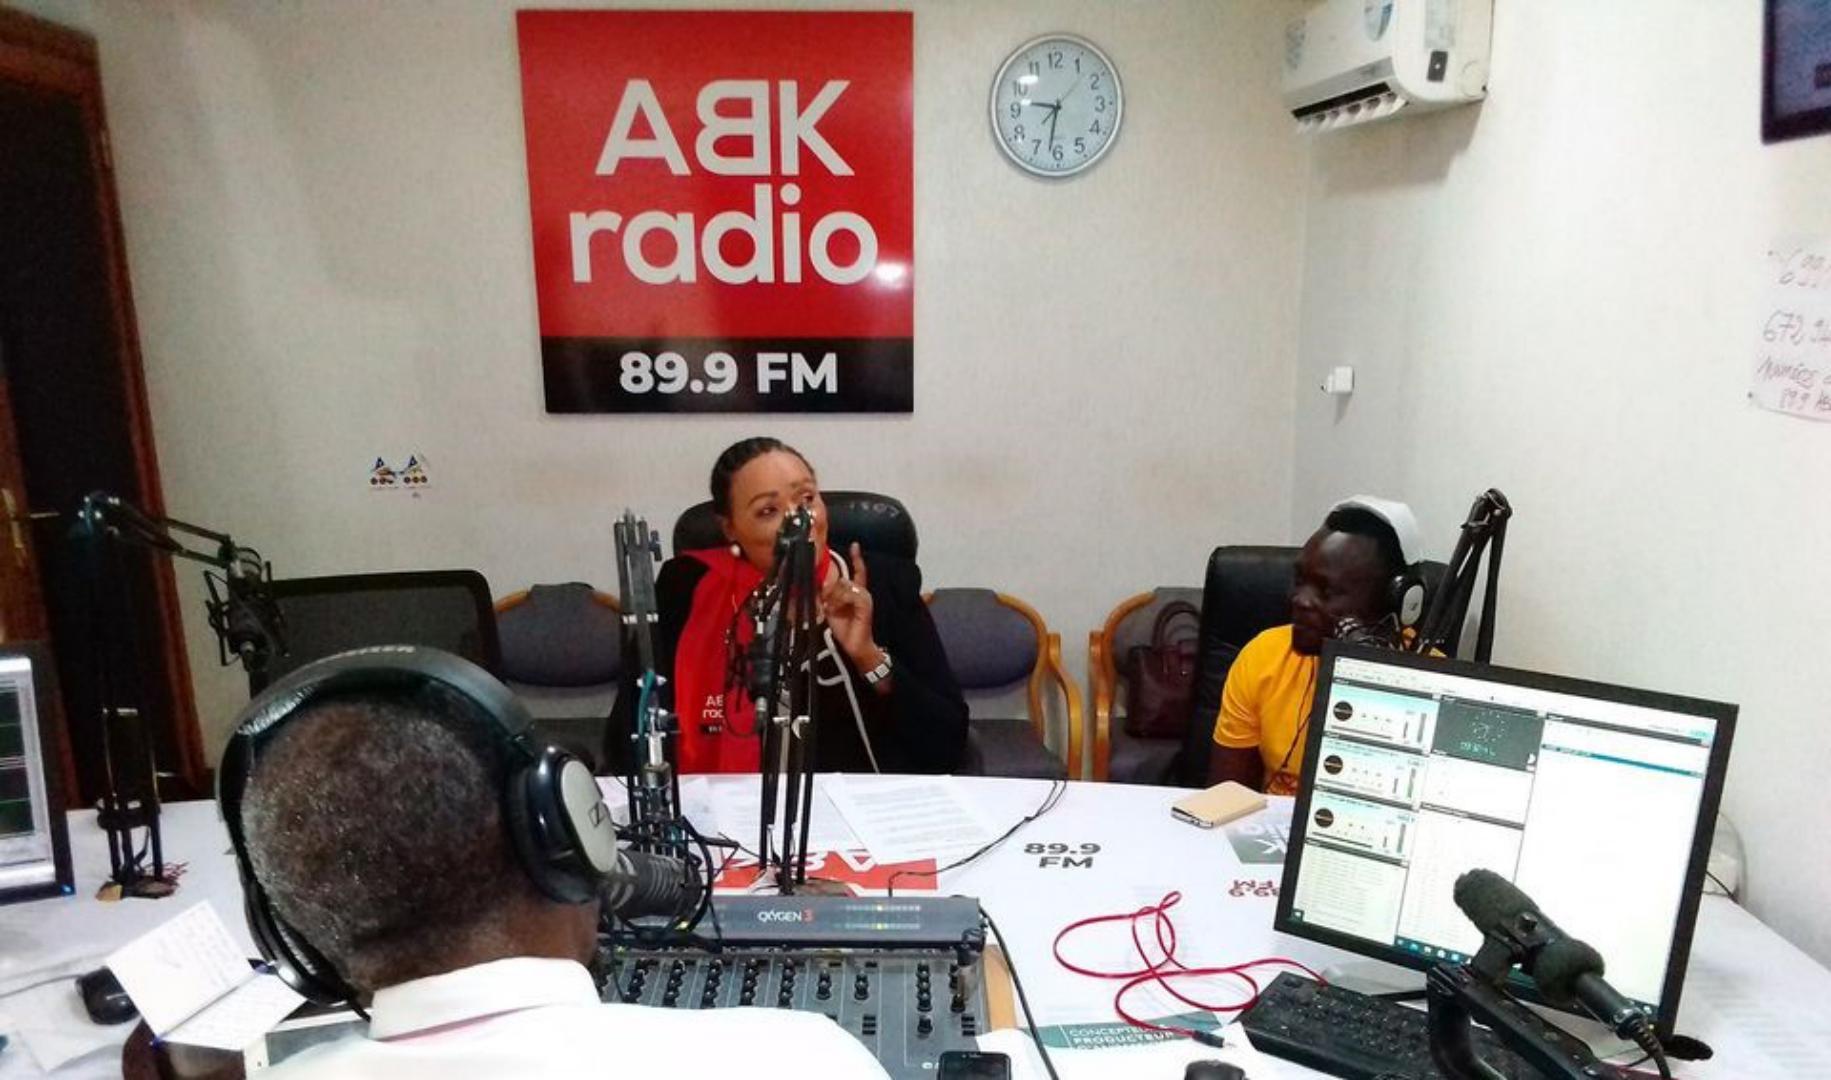 ABK Radio, comprendre la série de démissions dans ce projet ambitieux